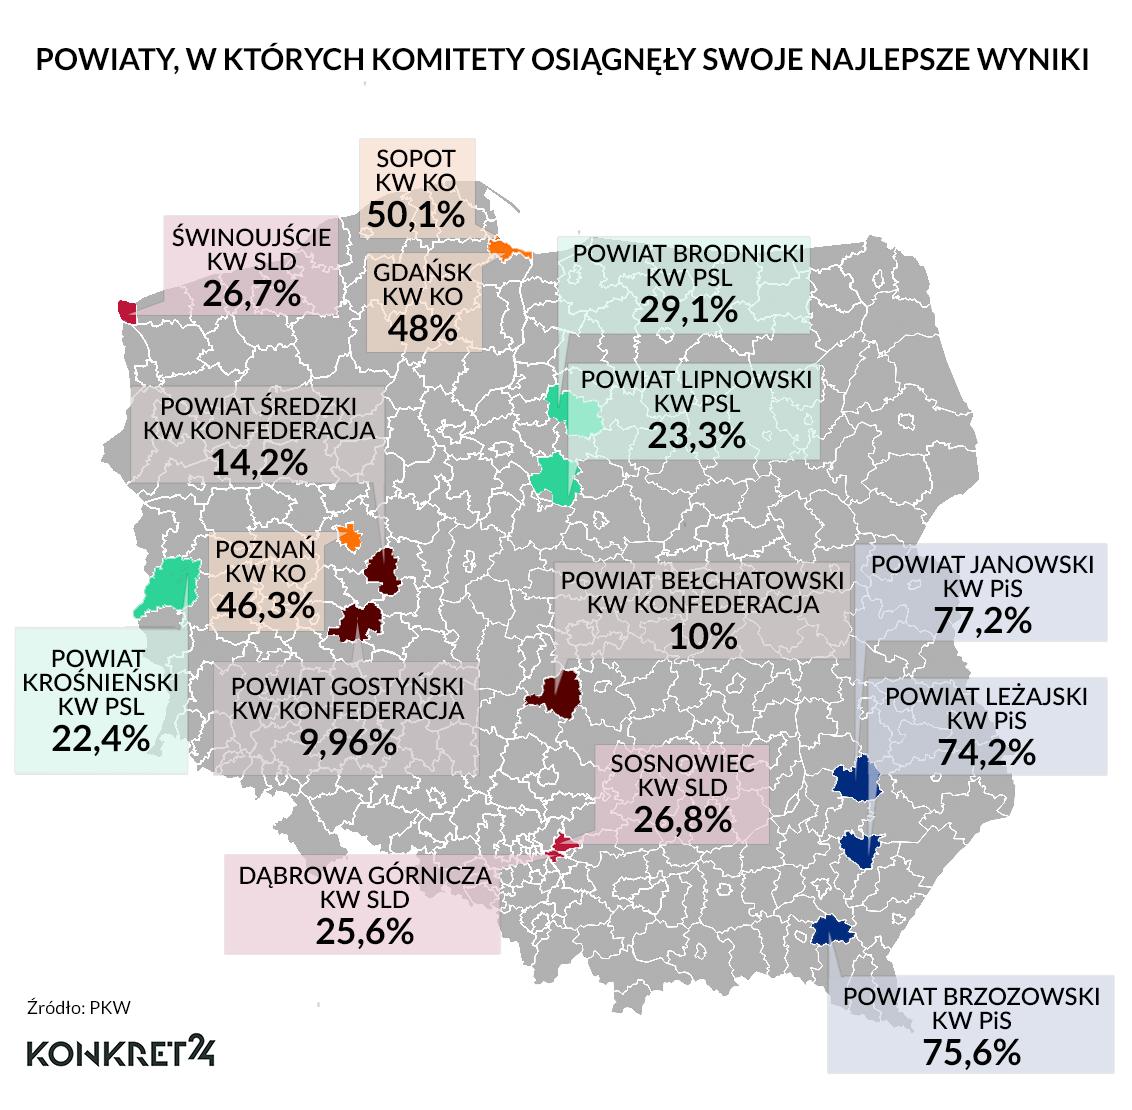 Jak głosowali wyborcy z poszczególnych powiatów